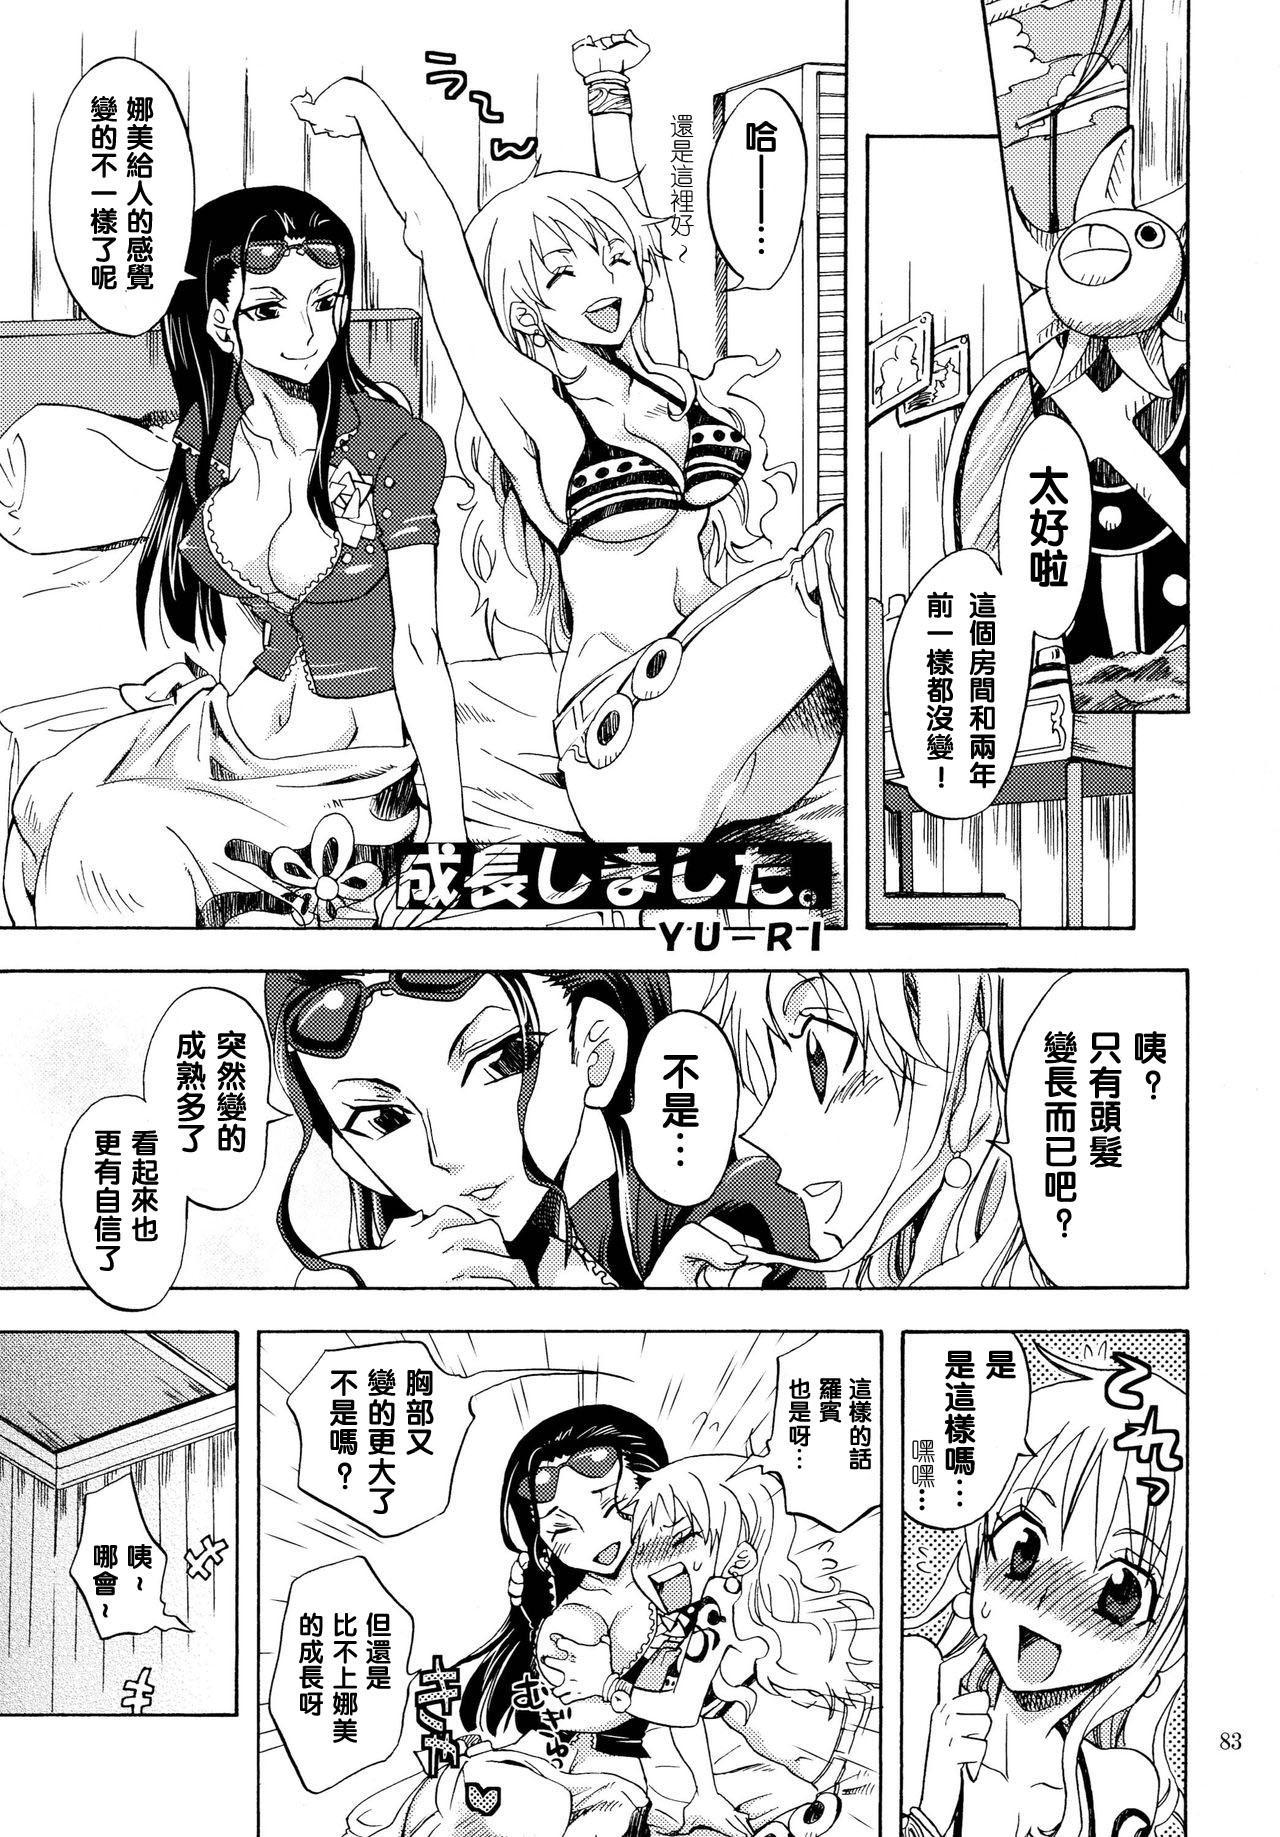 Seichou Shimashita. | You're so grown up! 3